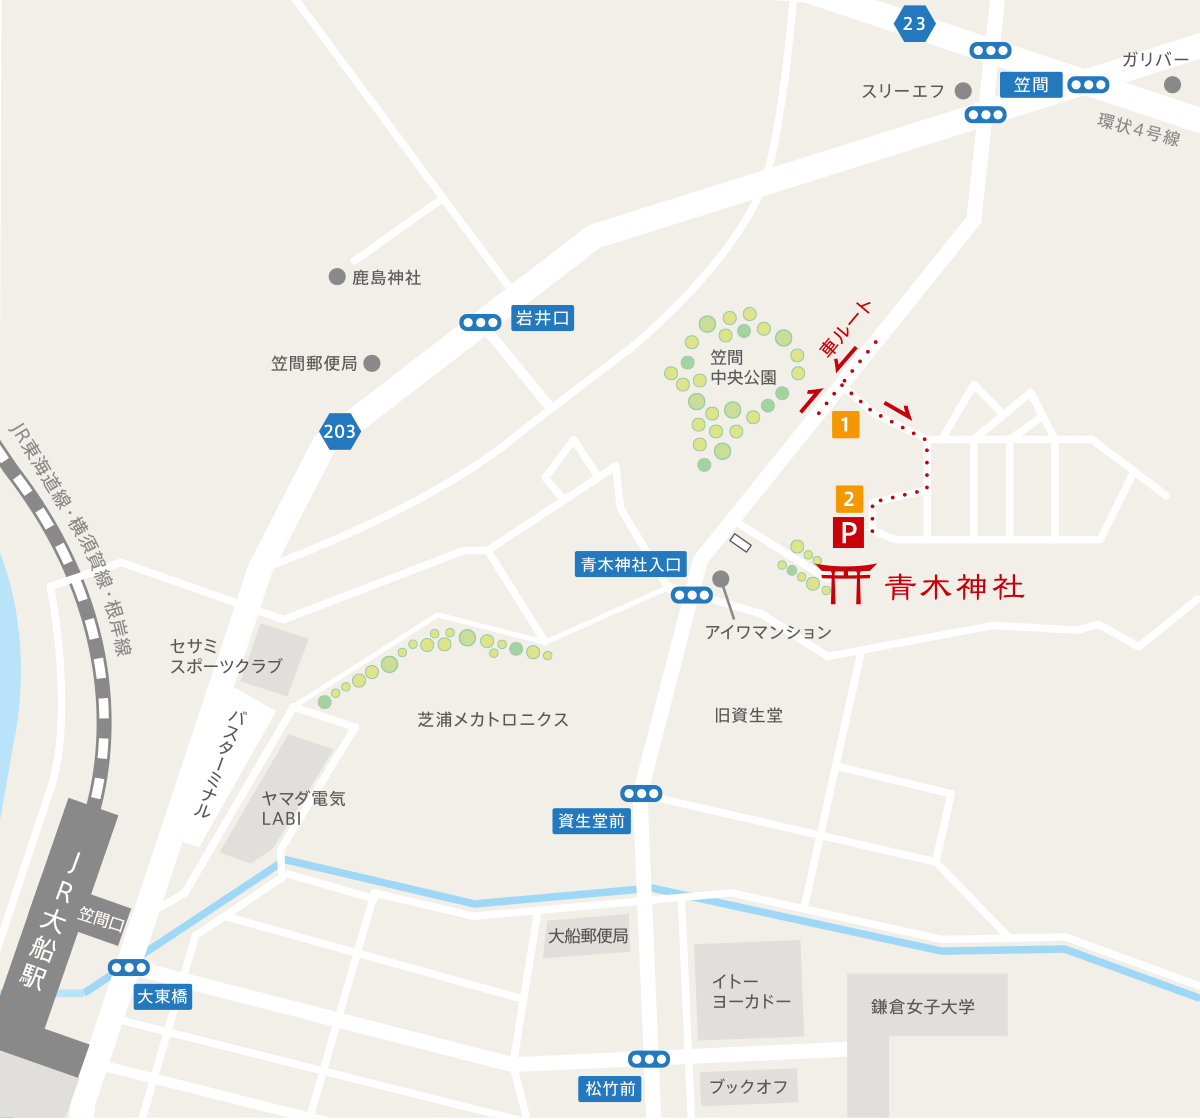 青木神社の駐車場のご案内